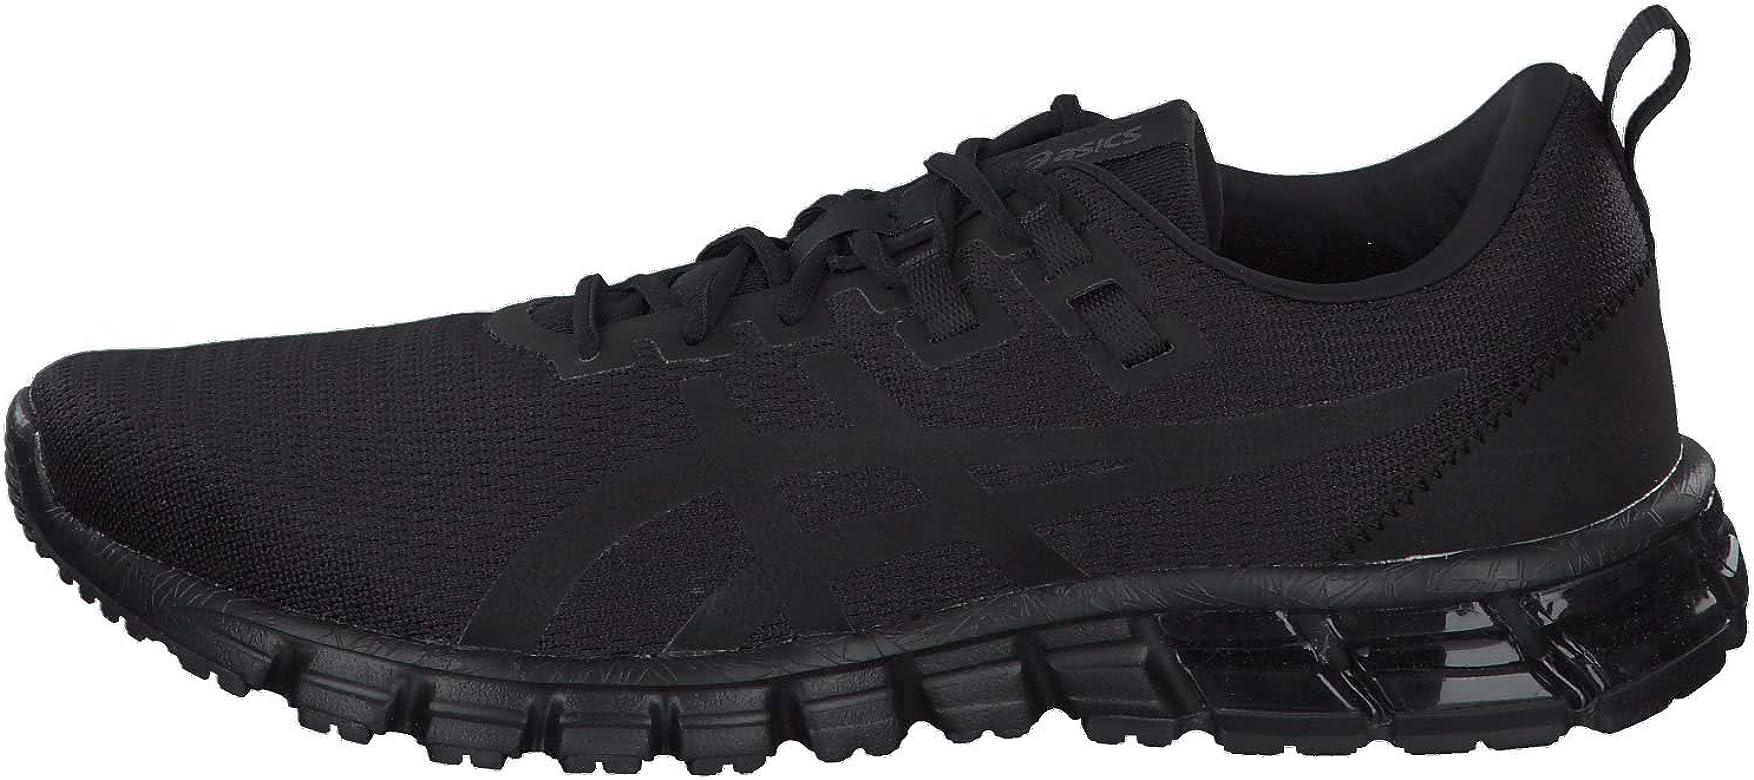 Asics Gel-Quantum 90 1021a123-001, Zapatillas de Entrenamiento para Hombre, Negro (Black 1021a123/001), 48 EU: Amazon.es: Zapatos y complementos